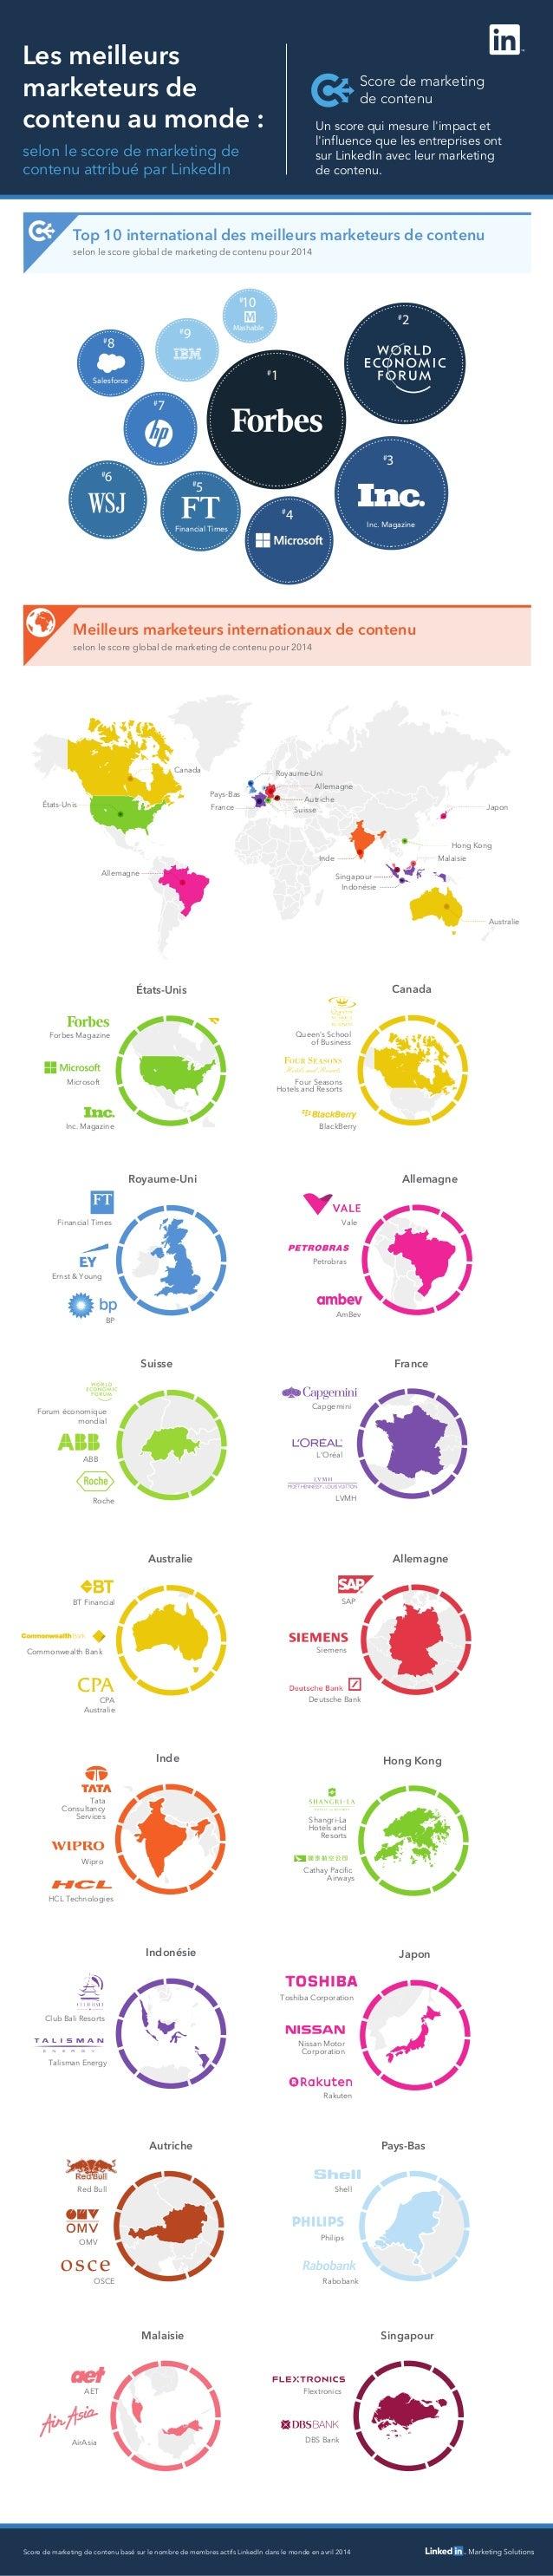 Forum économique mondial ABB Roche Score de marketing de contenu Les meilleurs marketeurs de contenu au monde : Top 10 int...